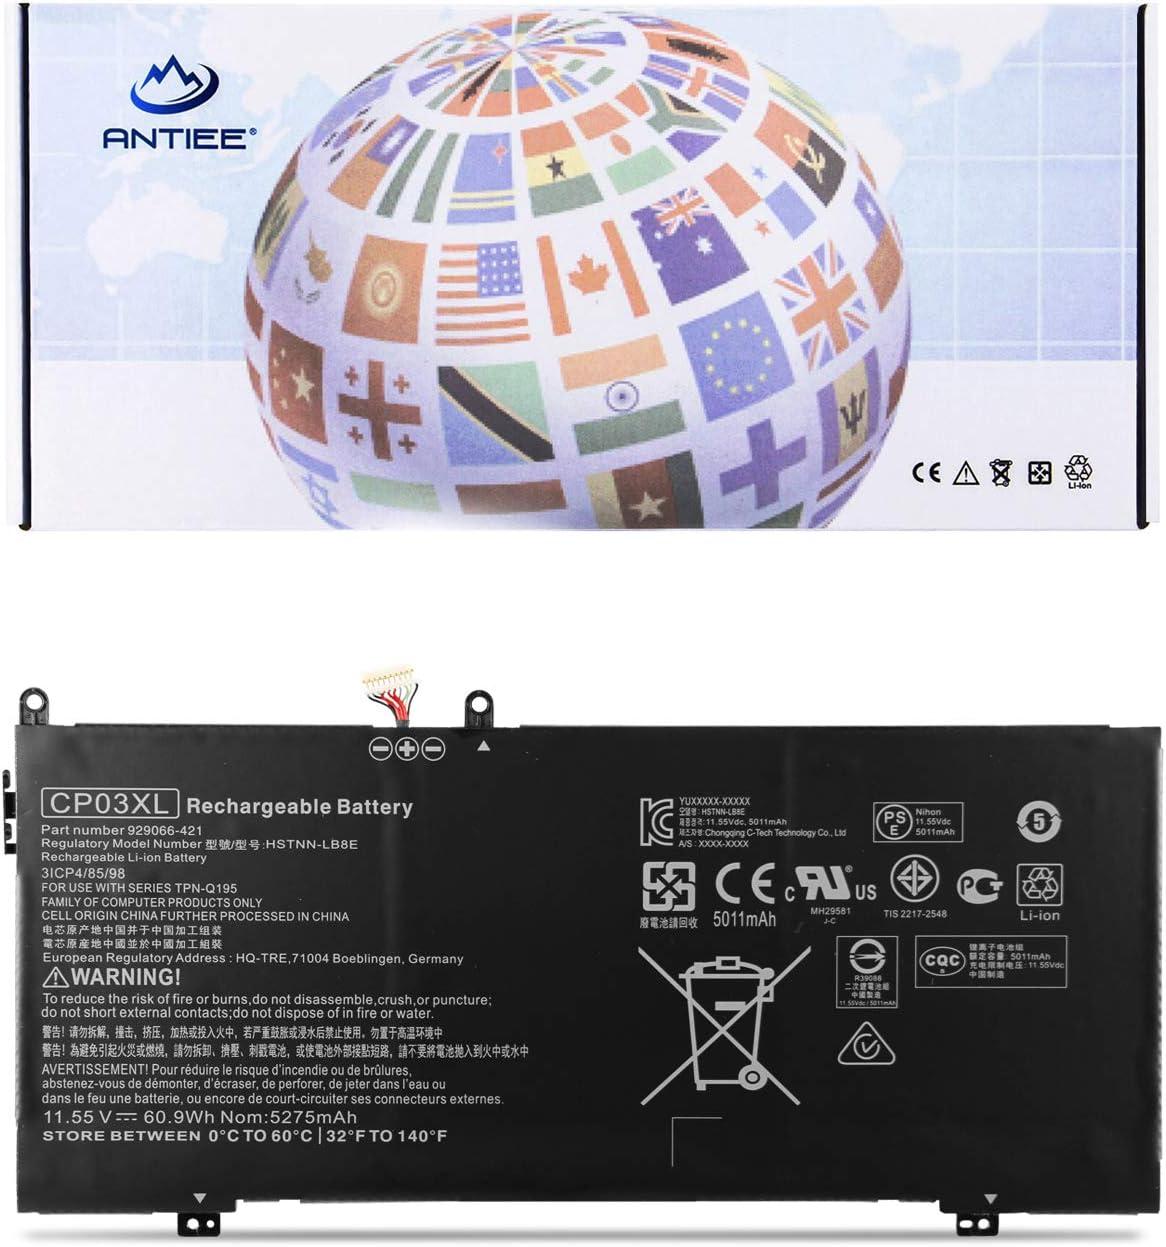 ANTIEE CP03XL Laptop Battery for HP Spectre x360 13-ae000 13-ae011dx 13-ae012dx 13-ae014dx 13-ae013dx 13-ae006no 13-ae001ng 13-ae049ng 13-ae040ng 13-ae502tu 929066-421 TPN-Q195 HSTNN-LB8E TPN-Q199